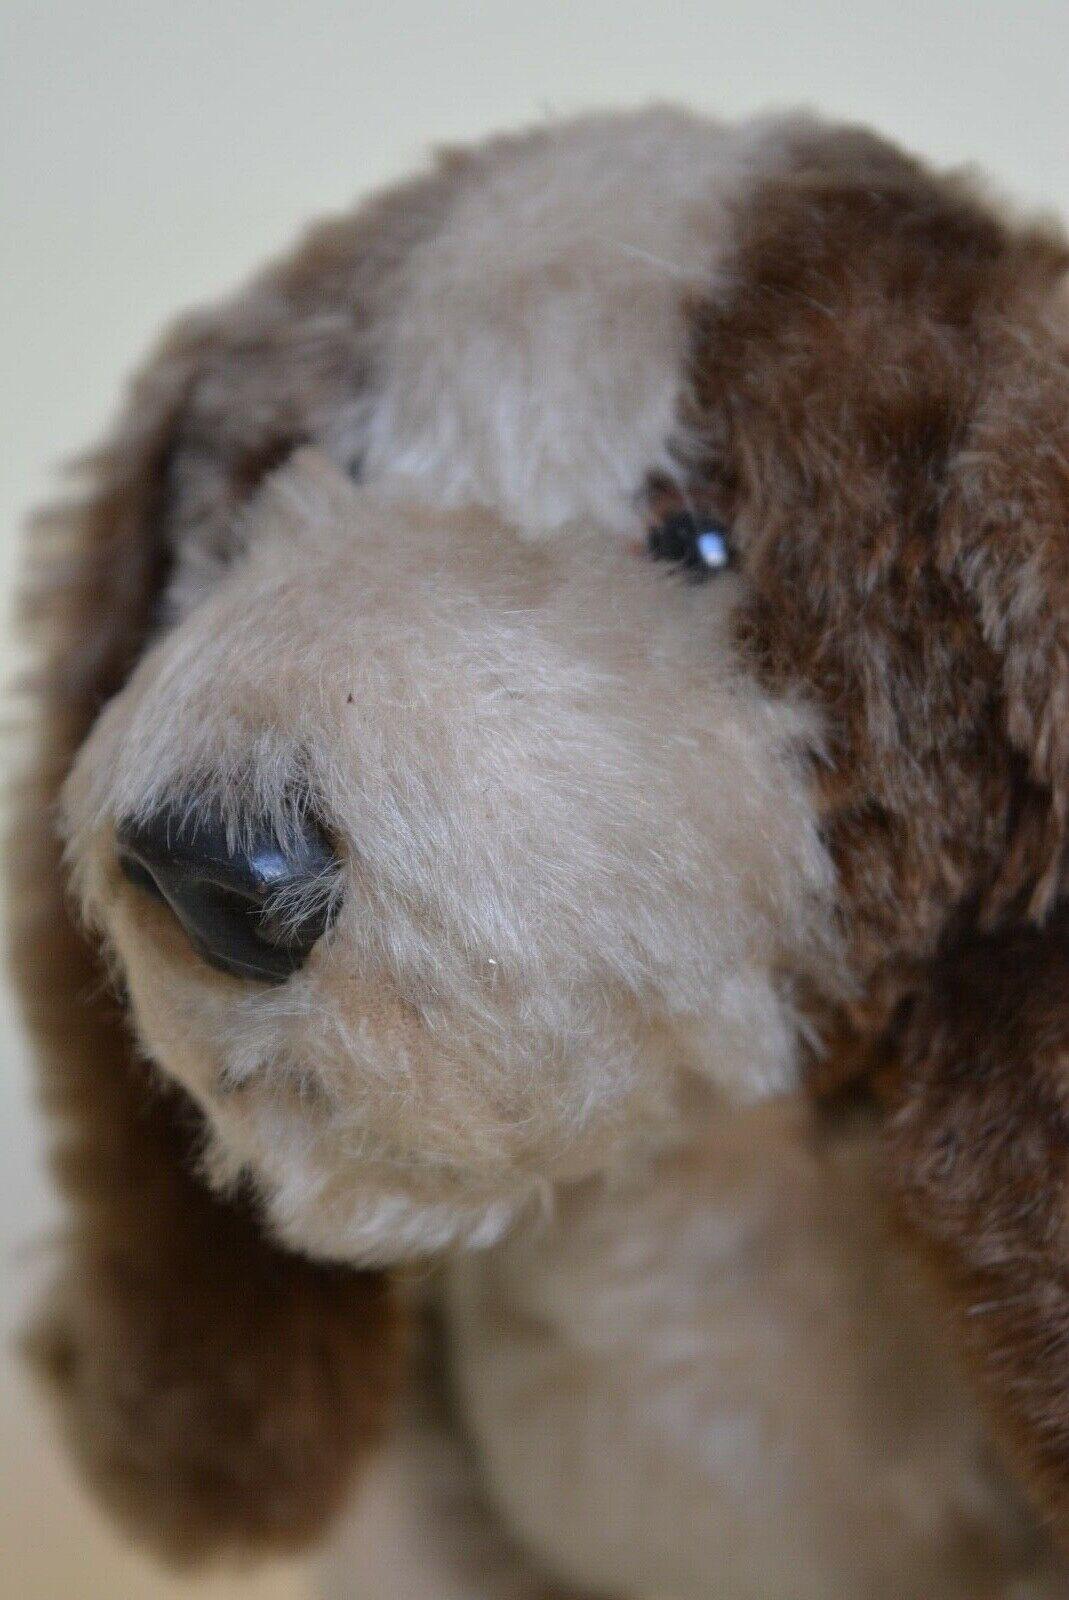 Vintage Straw Filled Toy Terrier Dog on Wheels Basset Hound